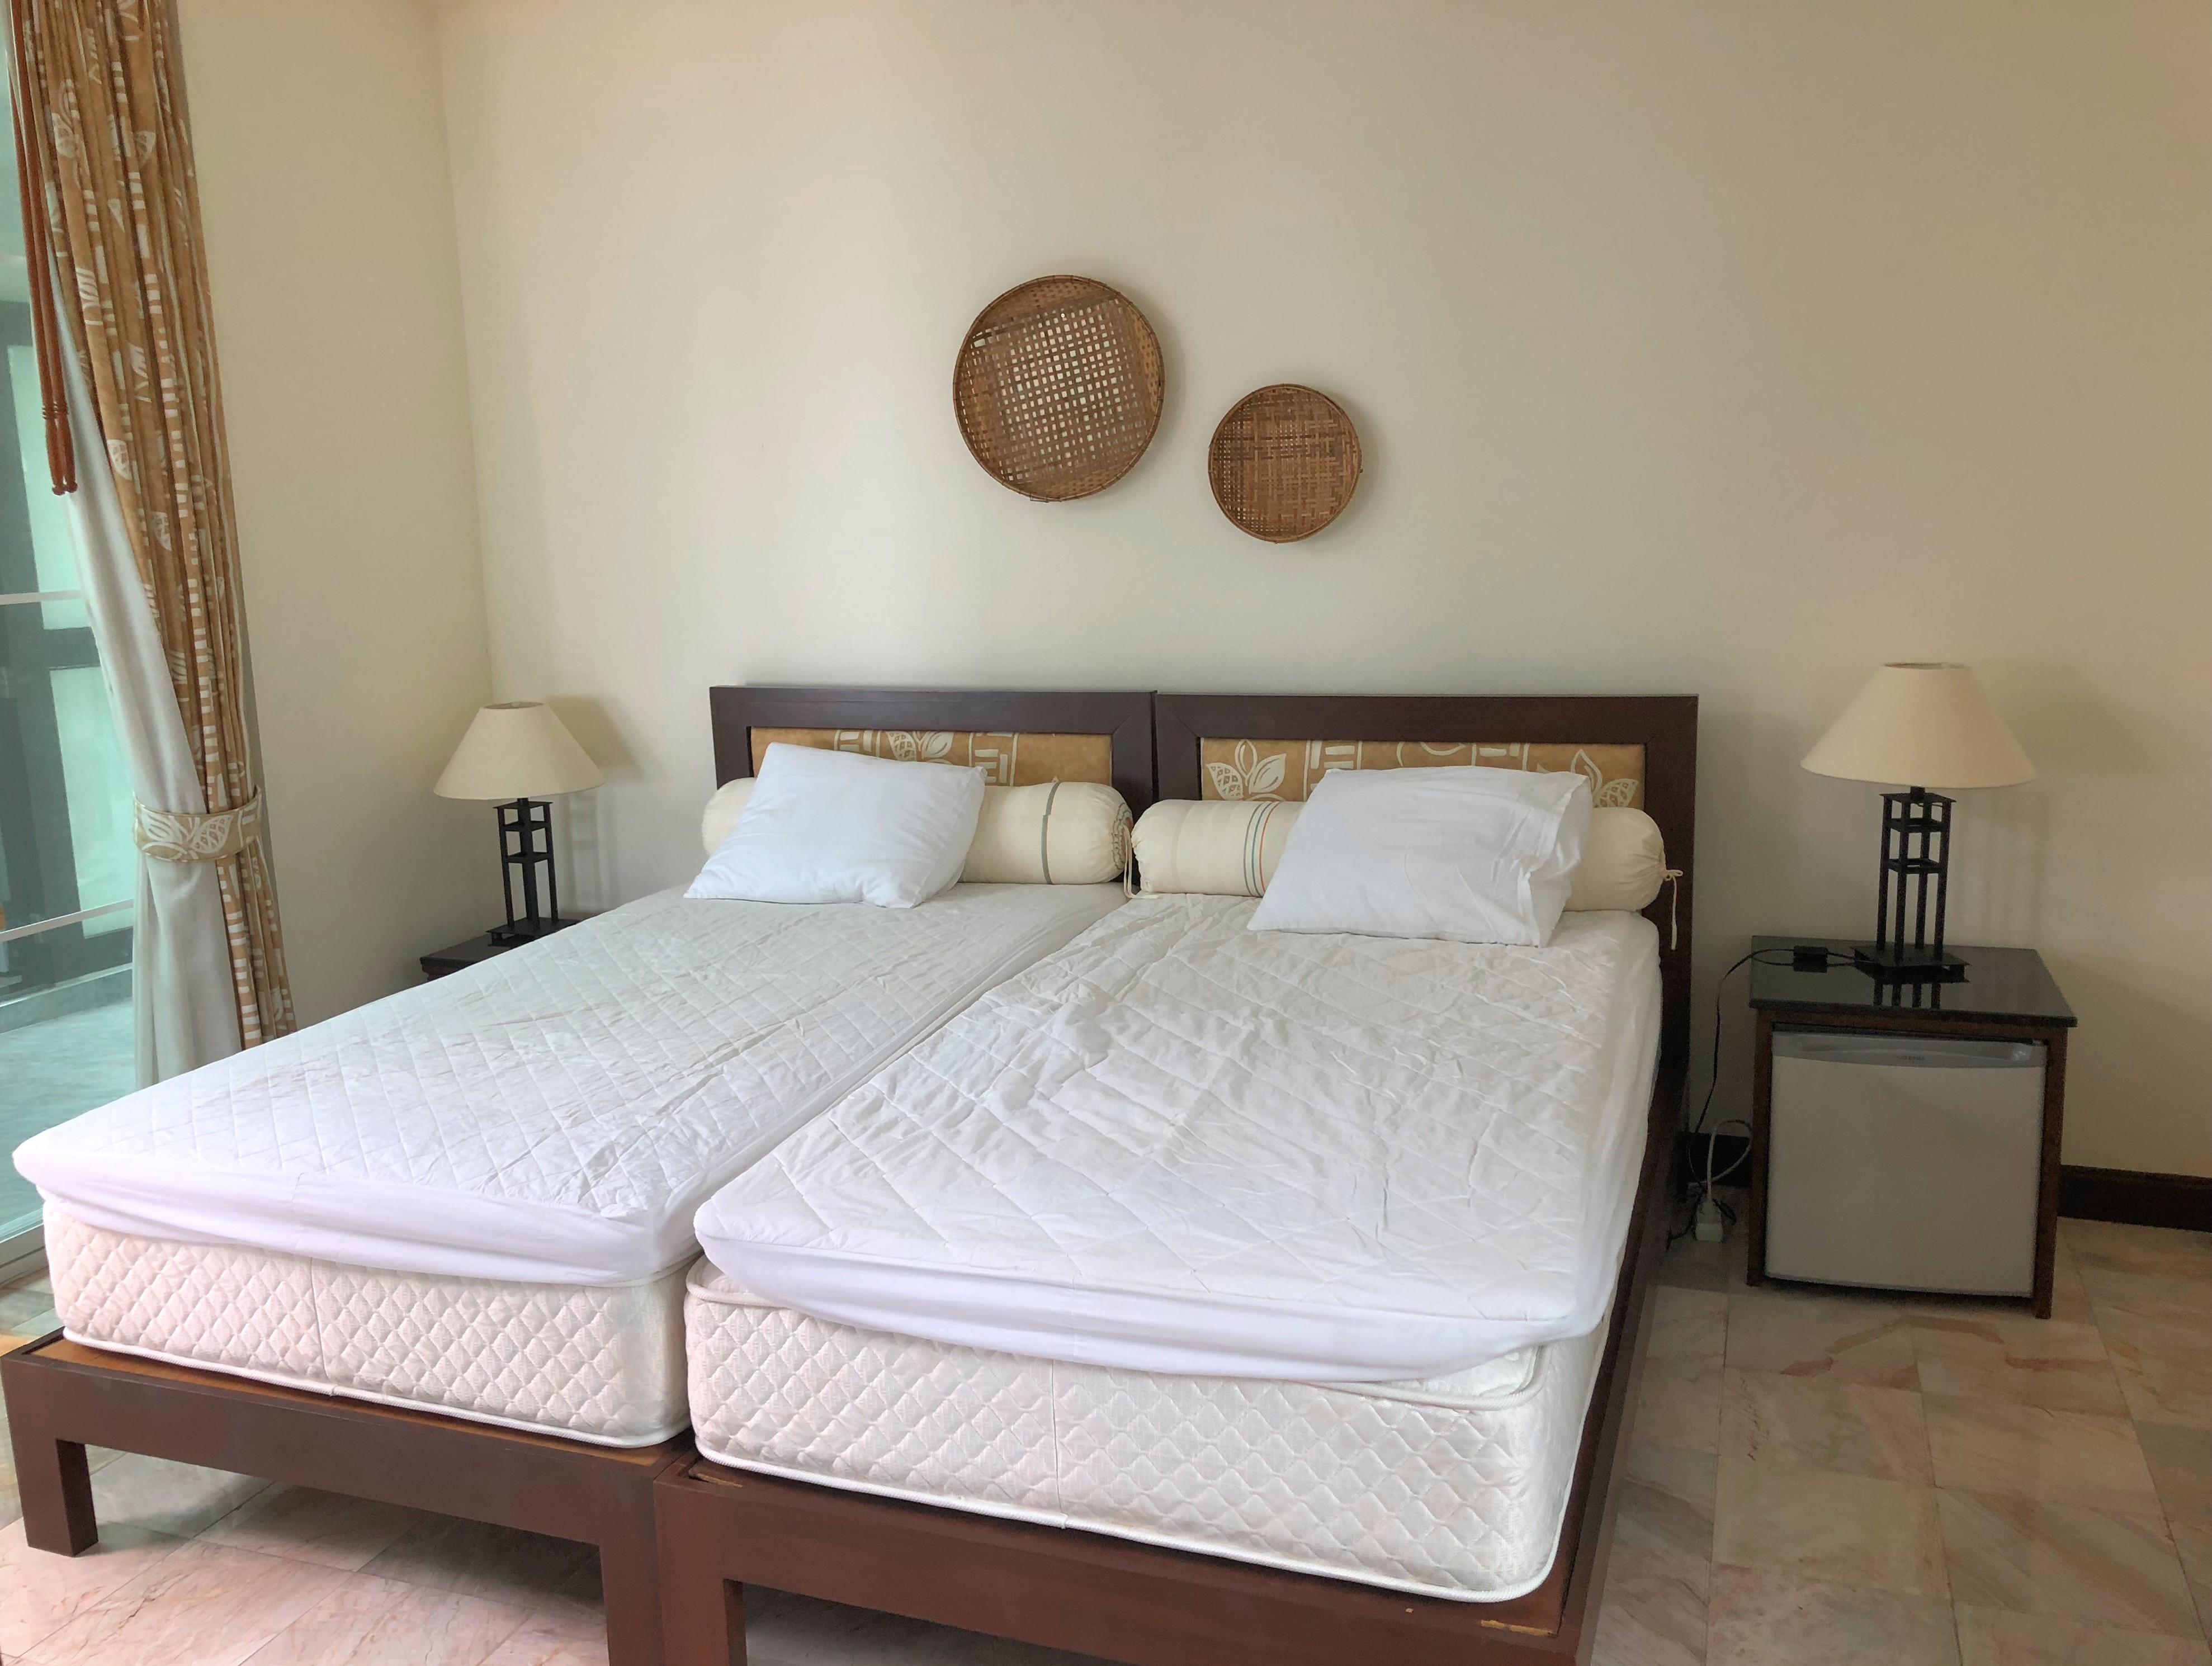 Gästsovrum med samma typ av sängar som master bedroom. Nattduksbord och en liten kyl.